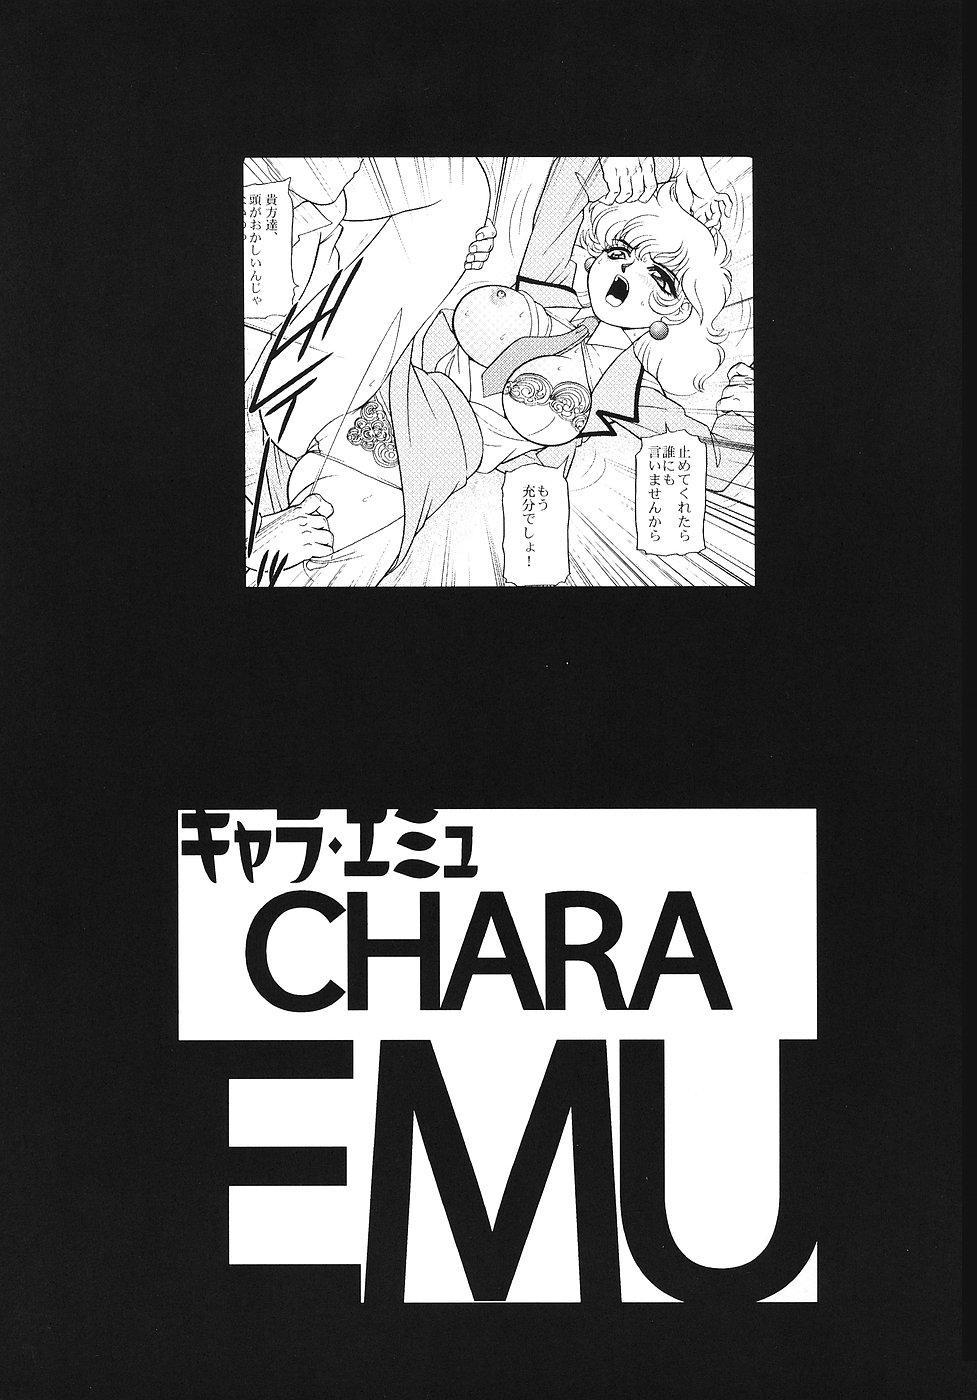 (C70) [Jingai Makyou Club (WING☆BIRD)] Charaemu W B004 GANDAM003 08-83-CCA (Kidou Senshi Gundam) 1